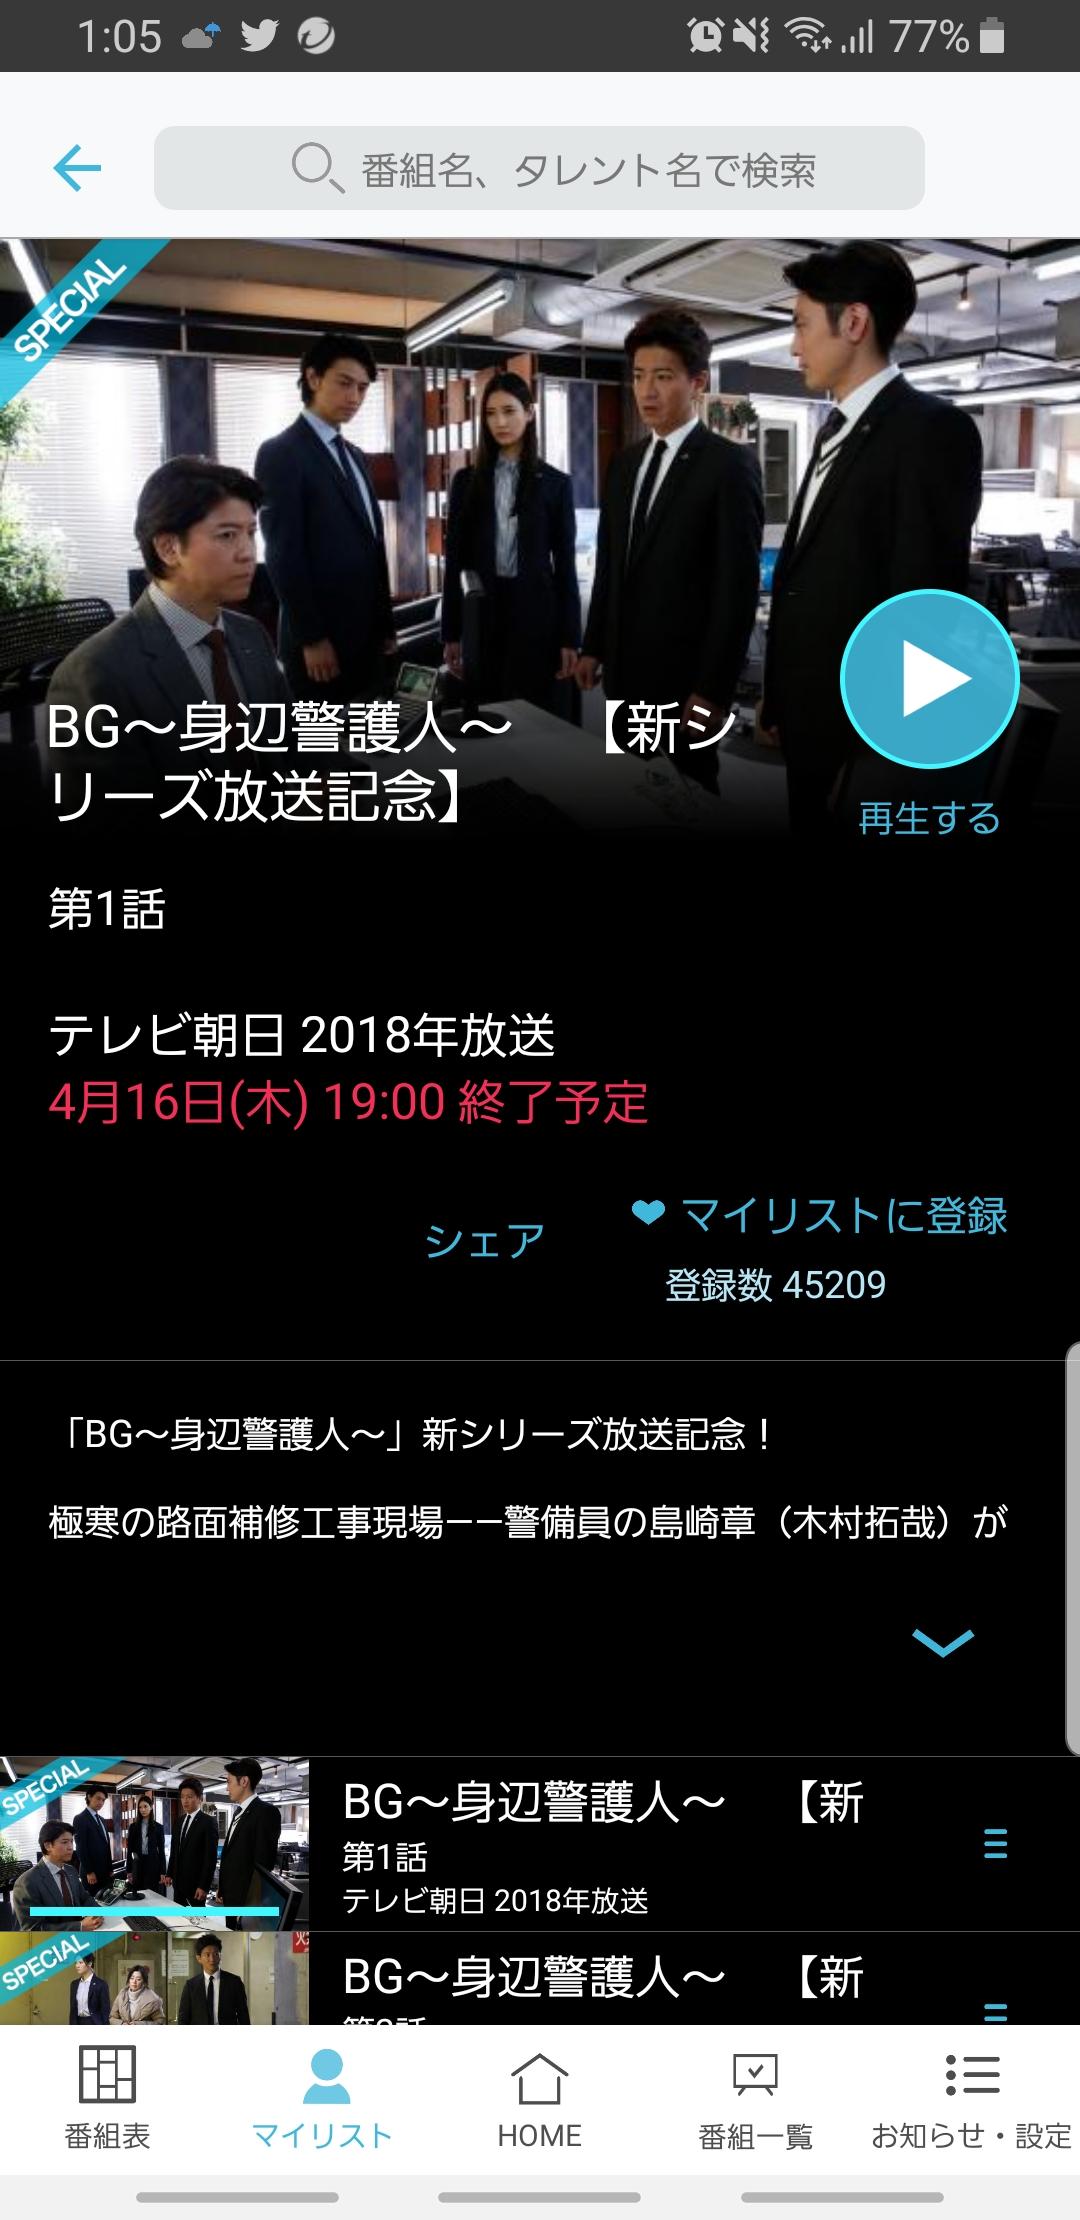 木村拓哉主演『BG』を見ました🎵